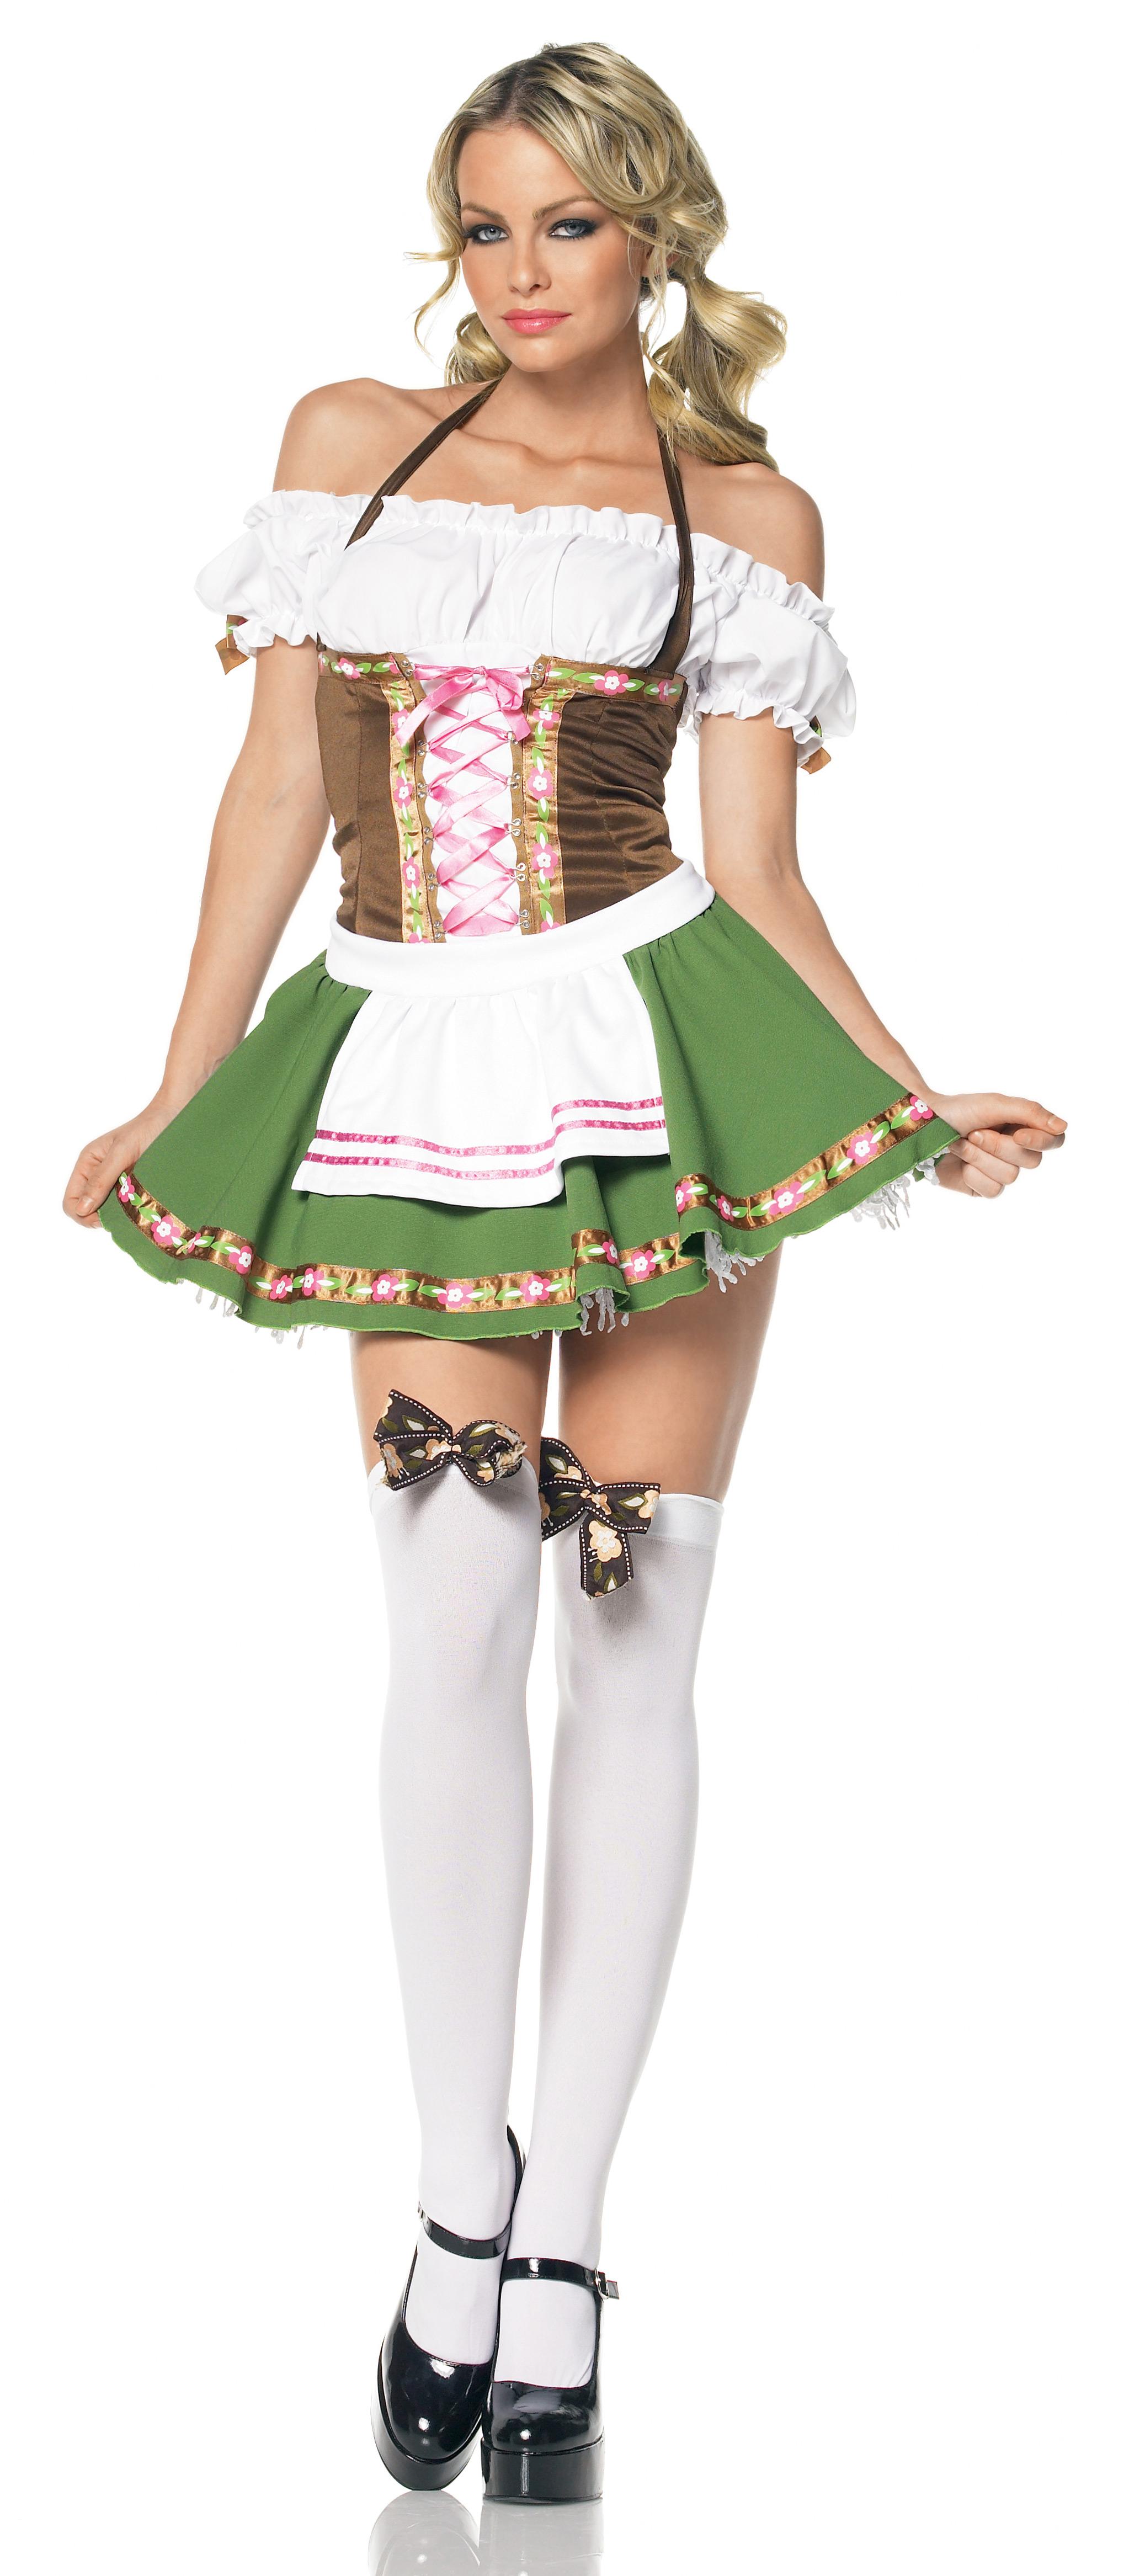 немецкие порнофильмы в национальных одеждах